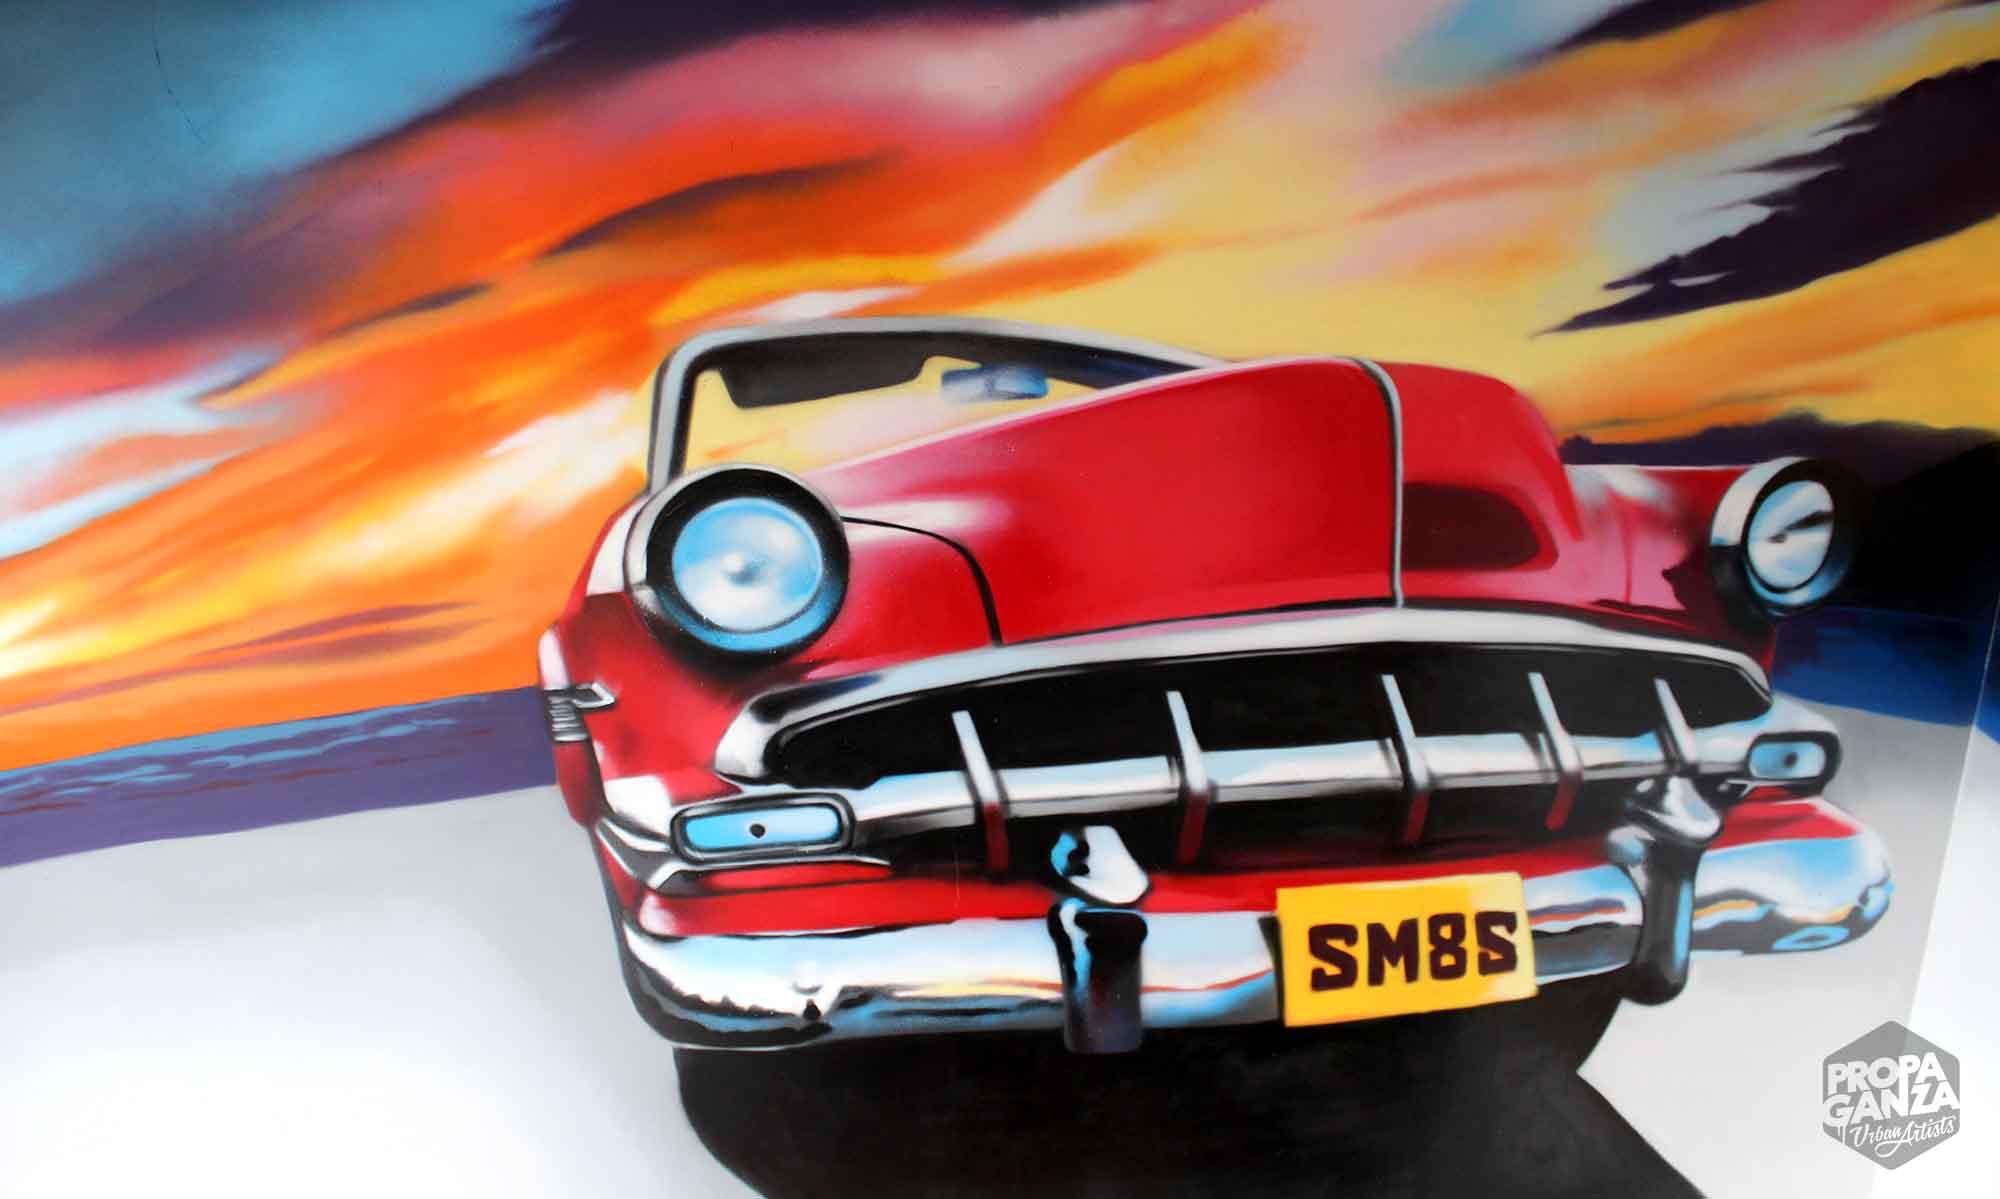 https://www.propaganza.be/wp-content/uploads/2019/04/propaganza-urban-artist-belgium-belgique-graffiti-graff-street-art-spray-paint-belgique-bart-smeets-smates-cuba-car-lowrider-1.jpg